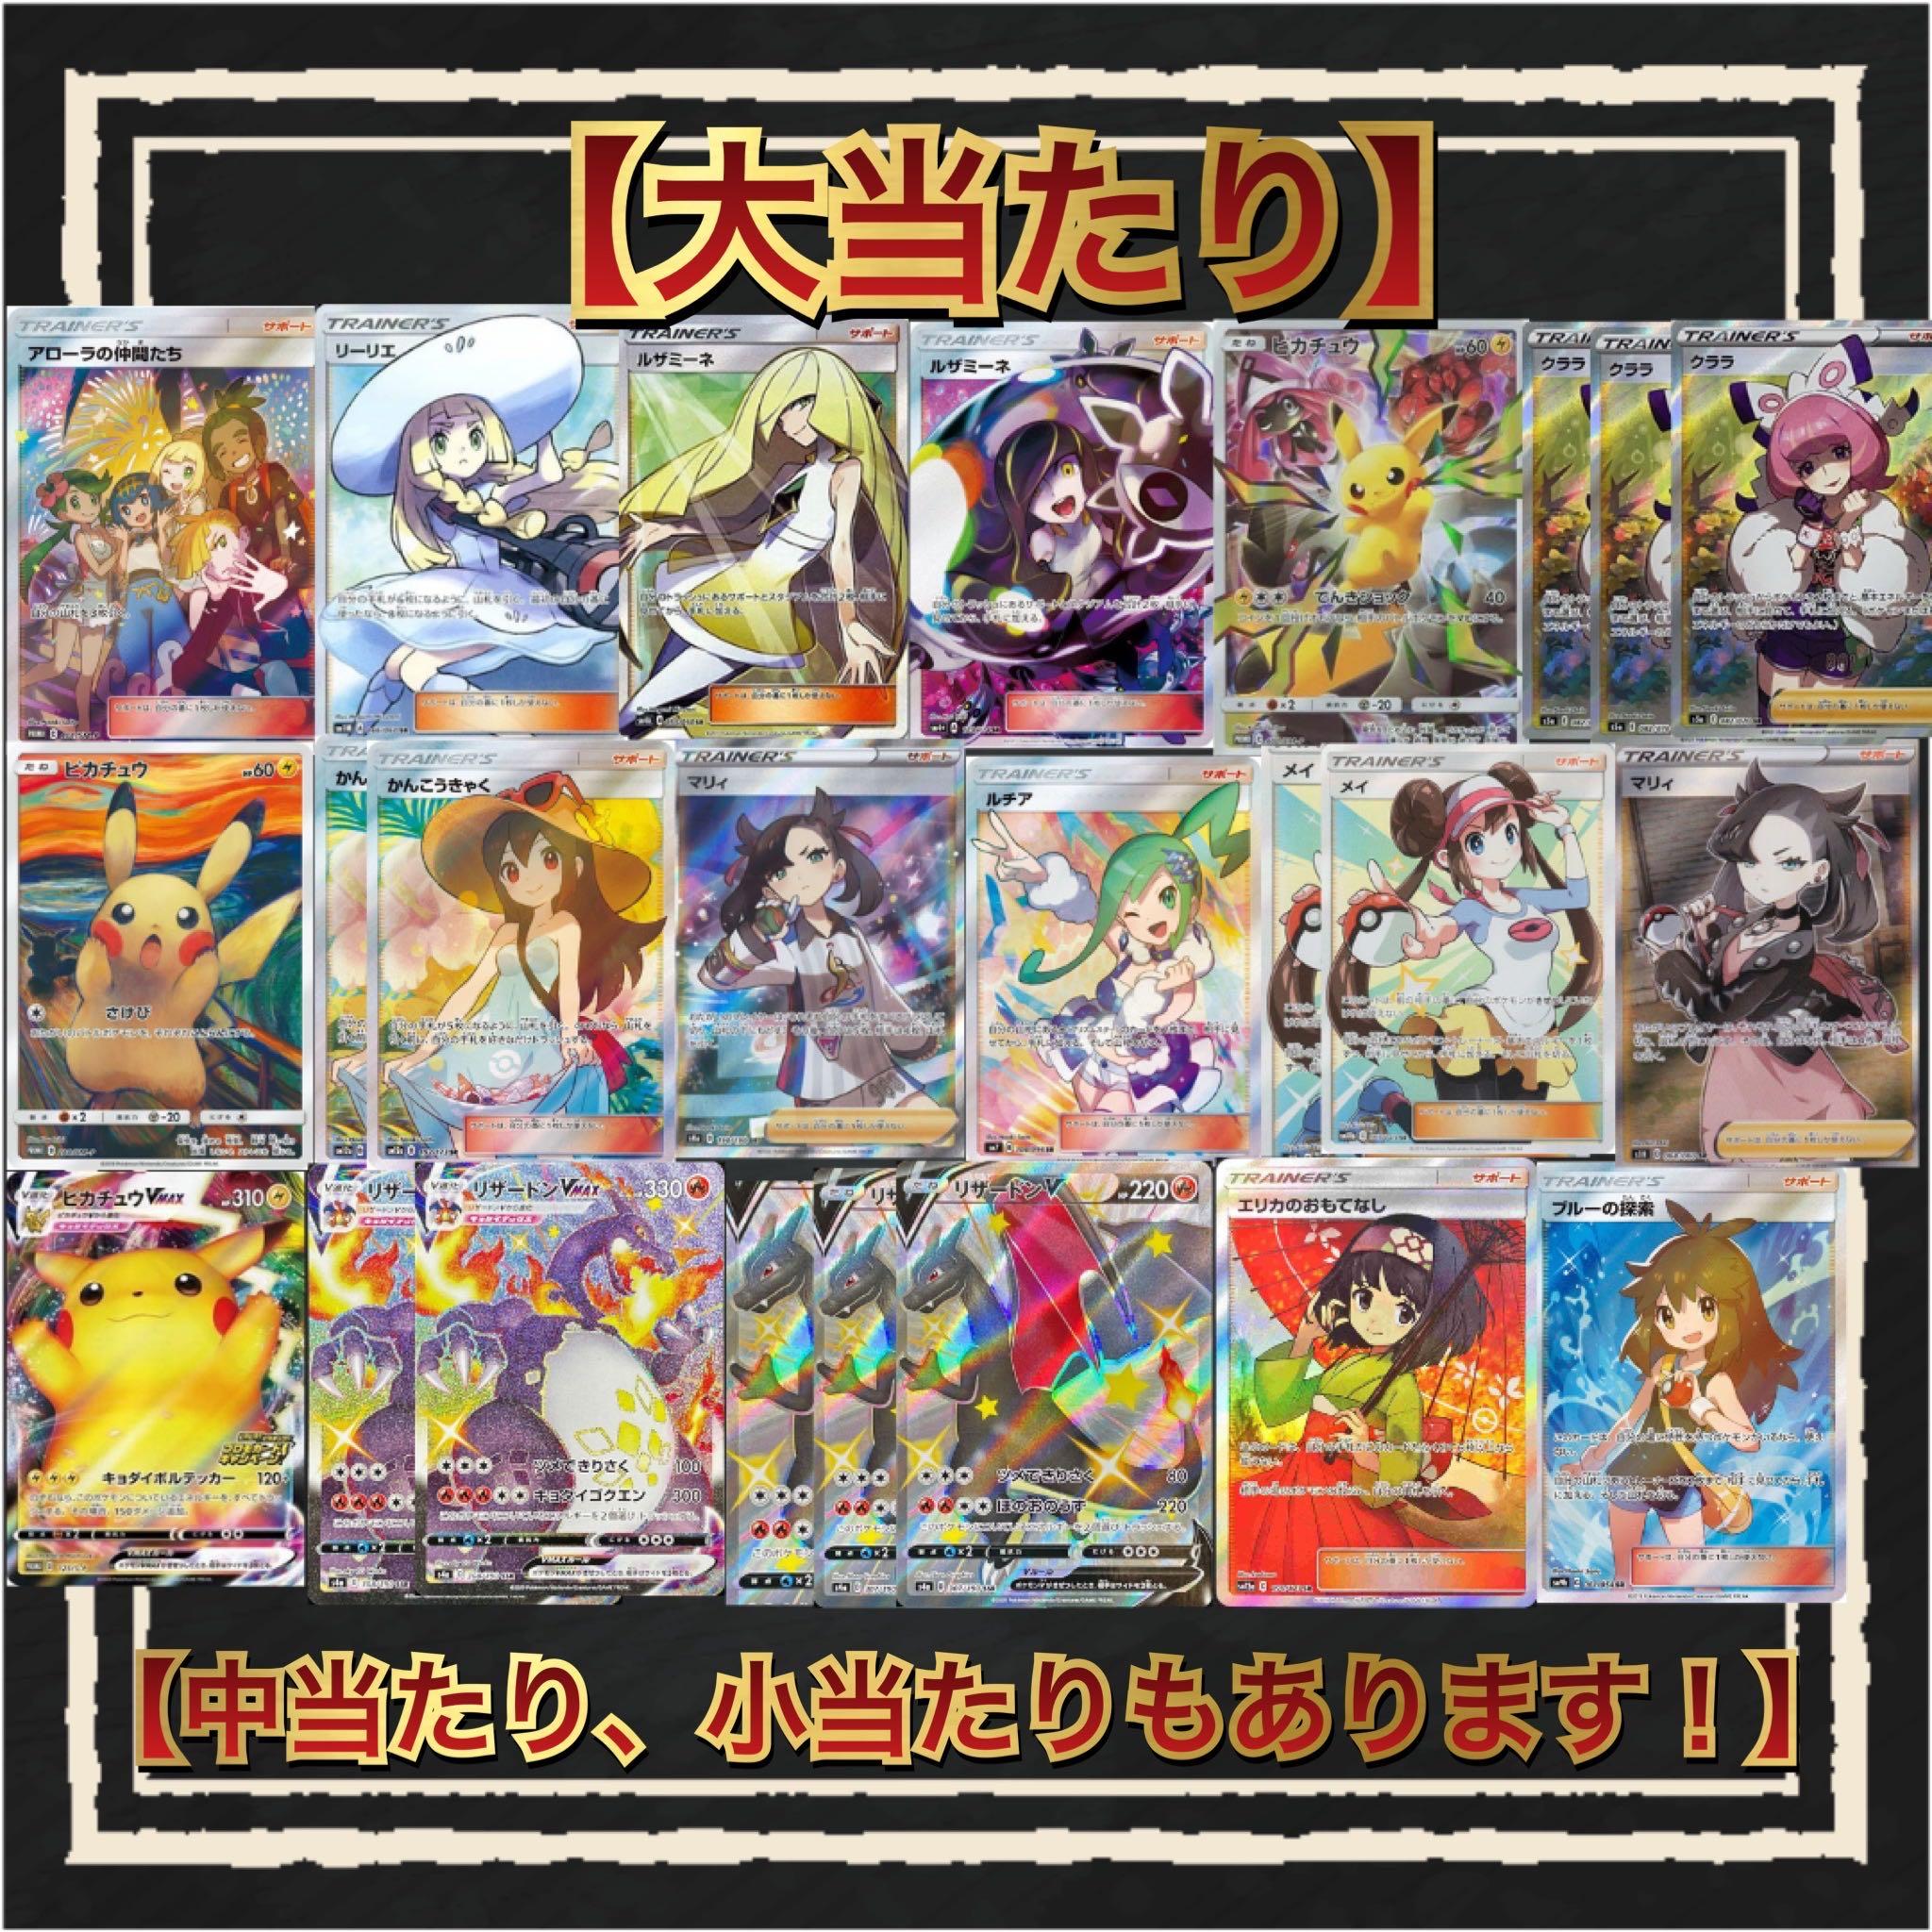 キャンペーン中!【33口専用】1口3000円 ハイクラスオリパ